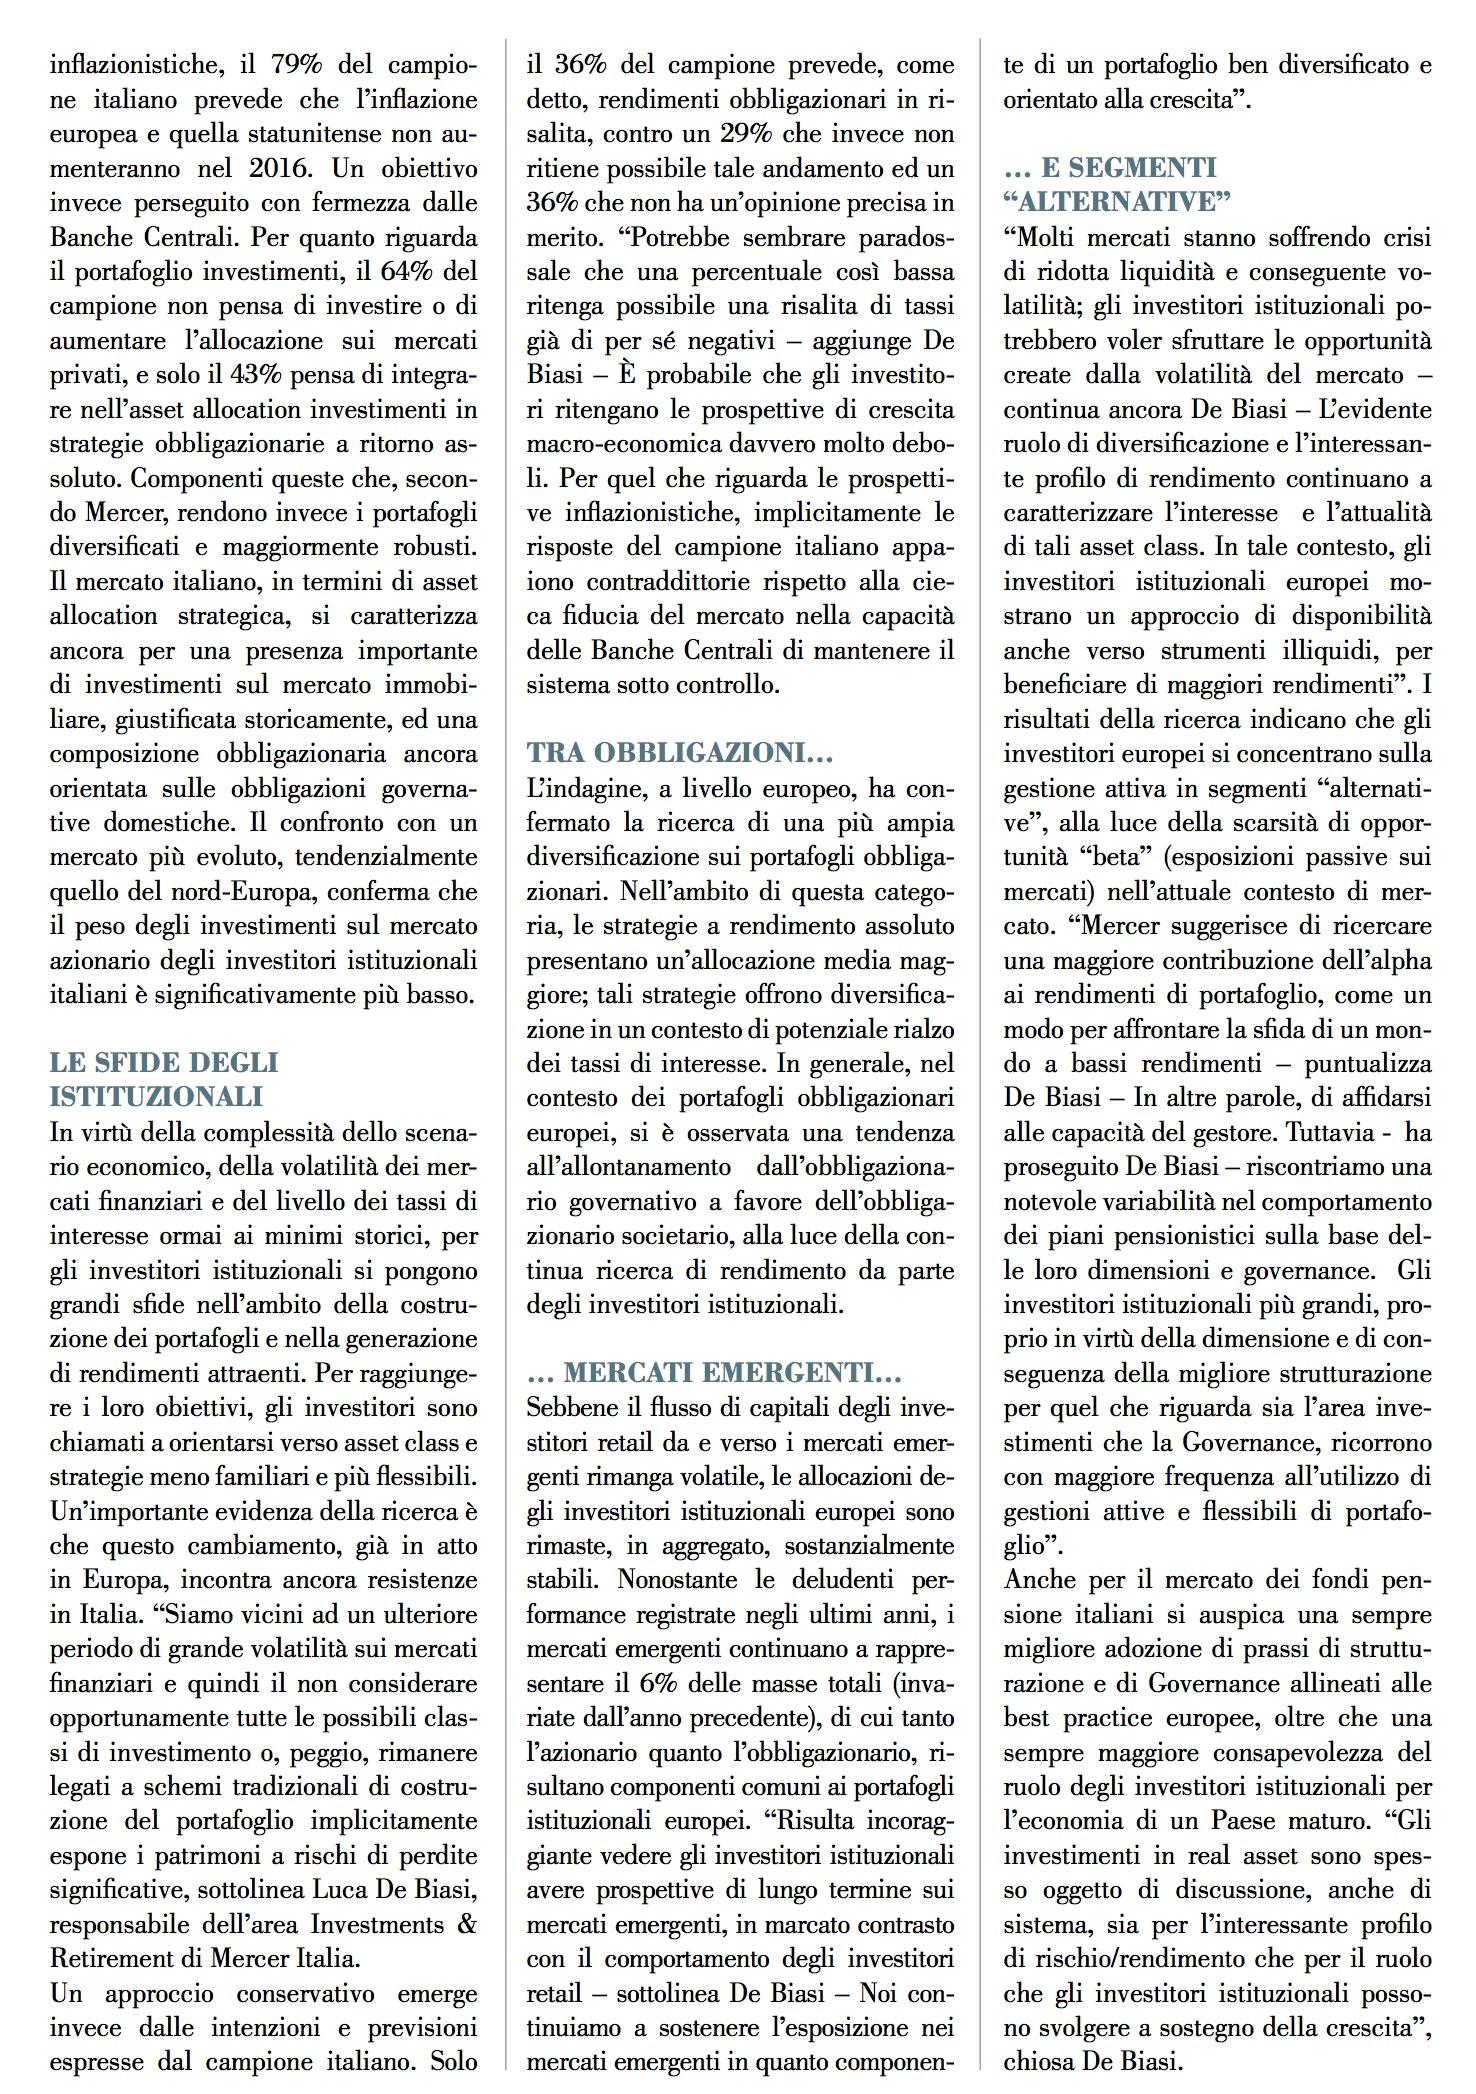 gli-istituzionali-2